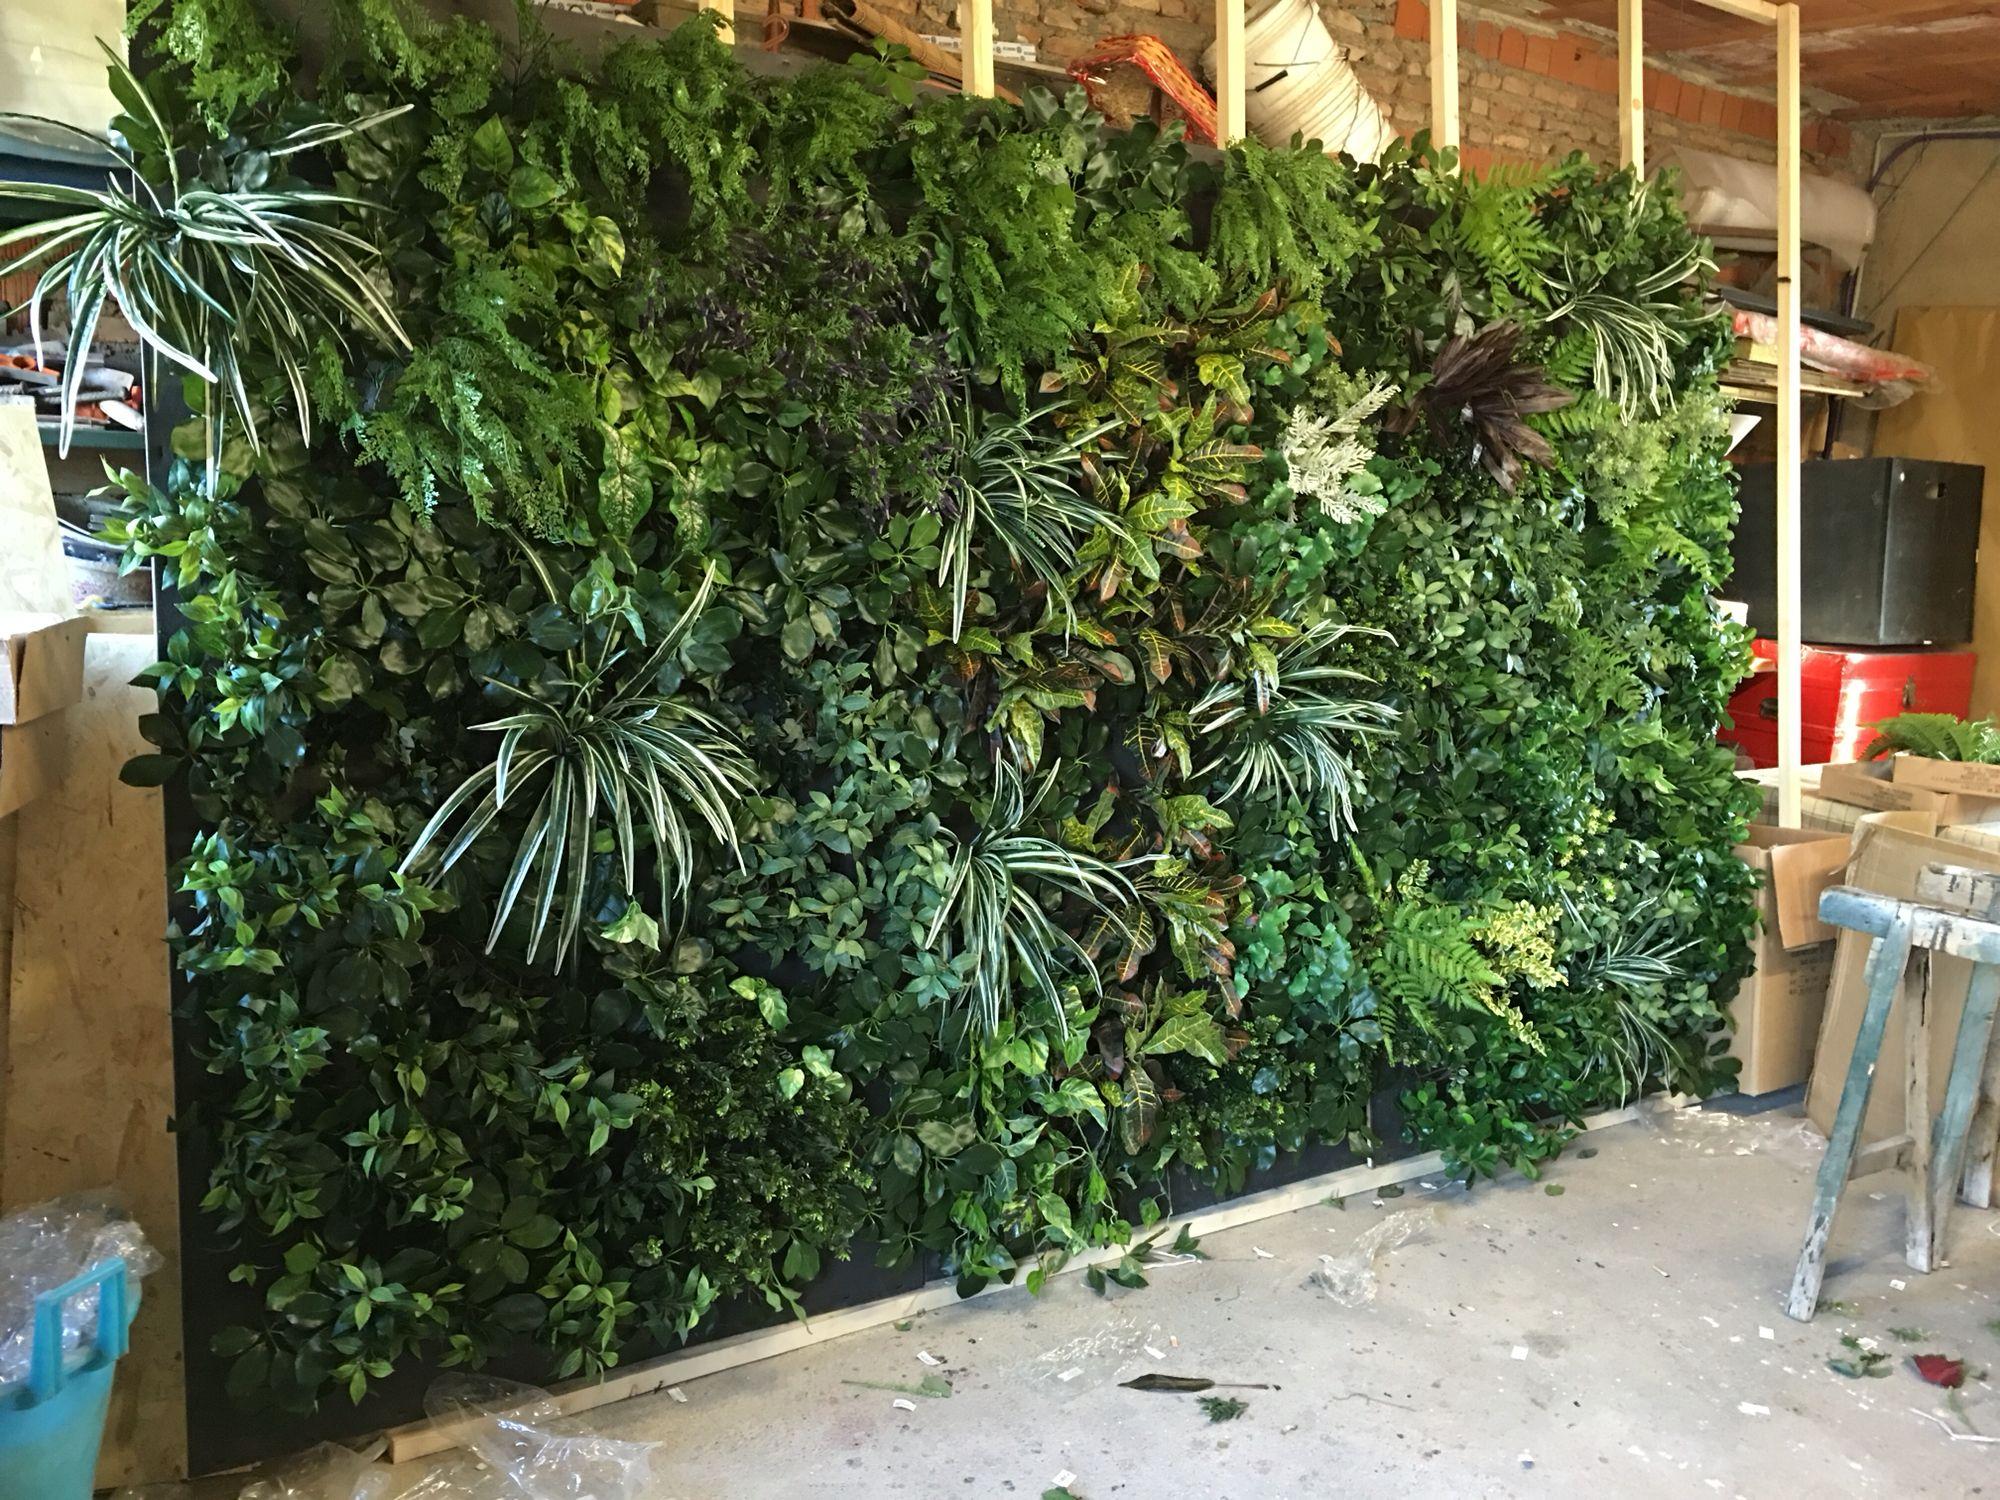 Giardino verticale plants garden for Giardino verticale